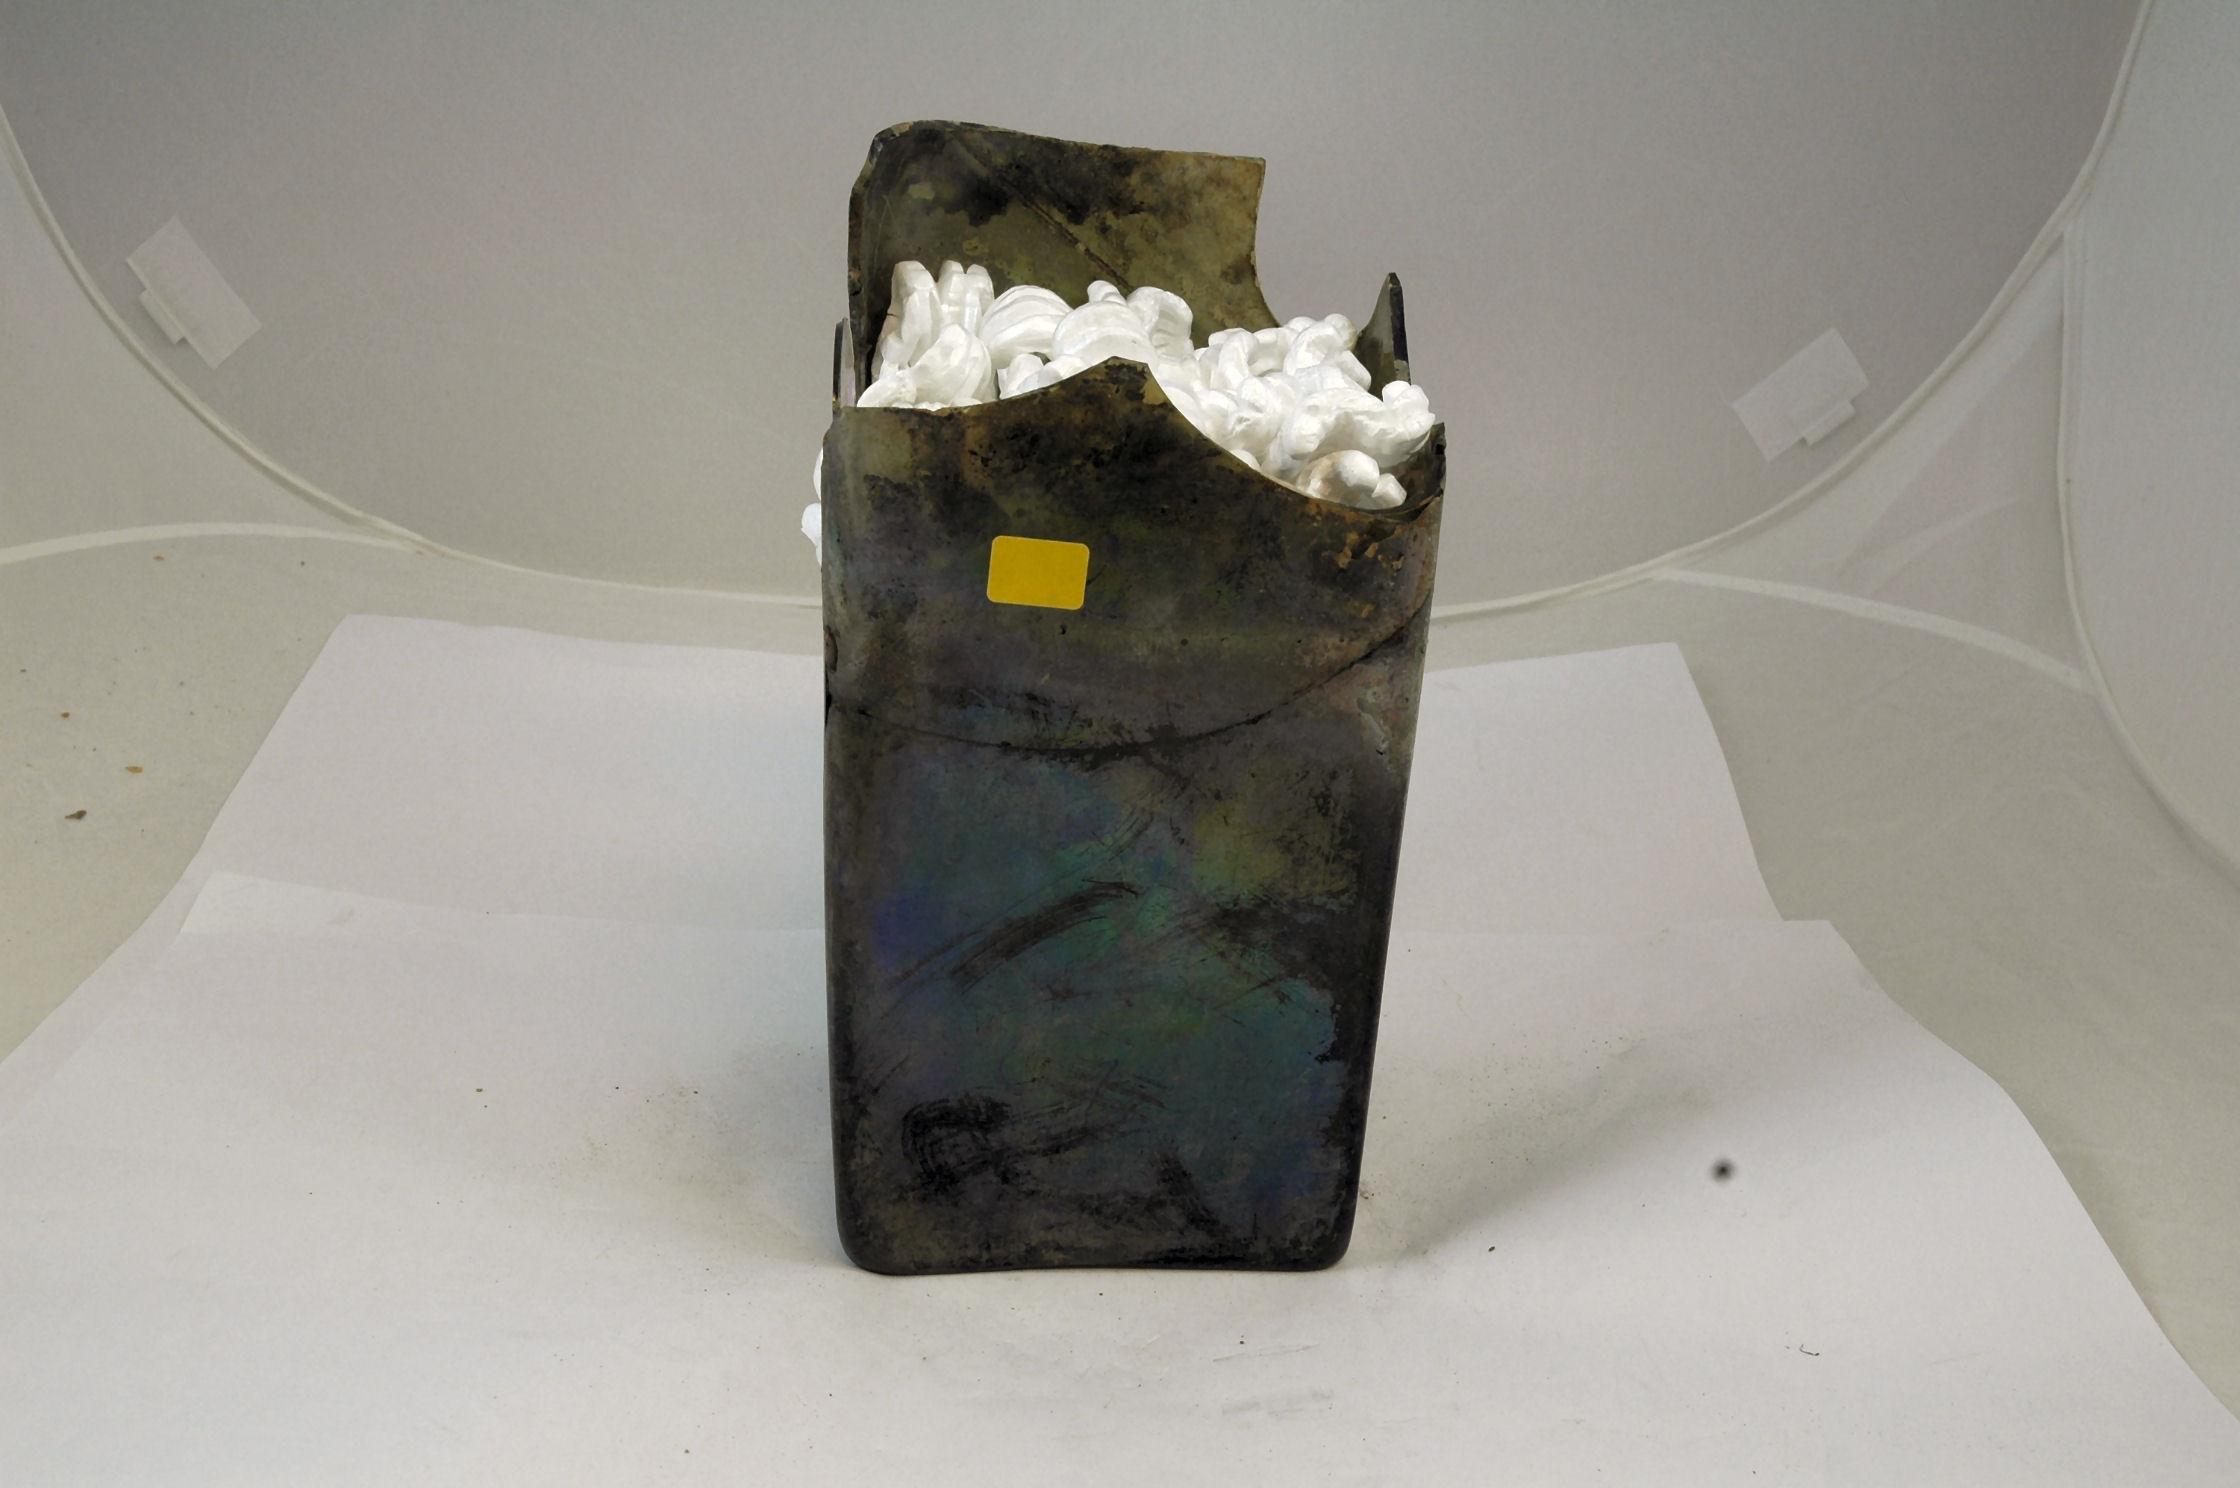 Glas-fragment, groen. De hals van een vierkante fles. Afkomstig uit het VOC-schip 'Geldermalsen', vergaan in 1752.